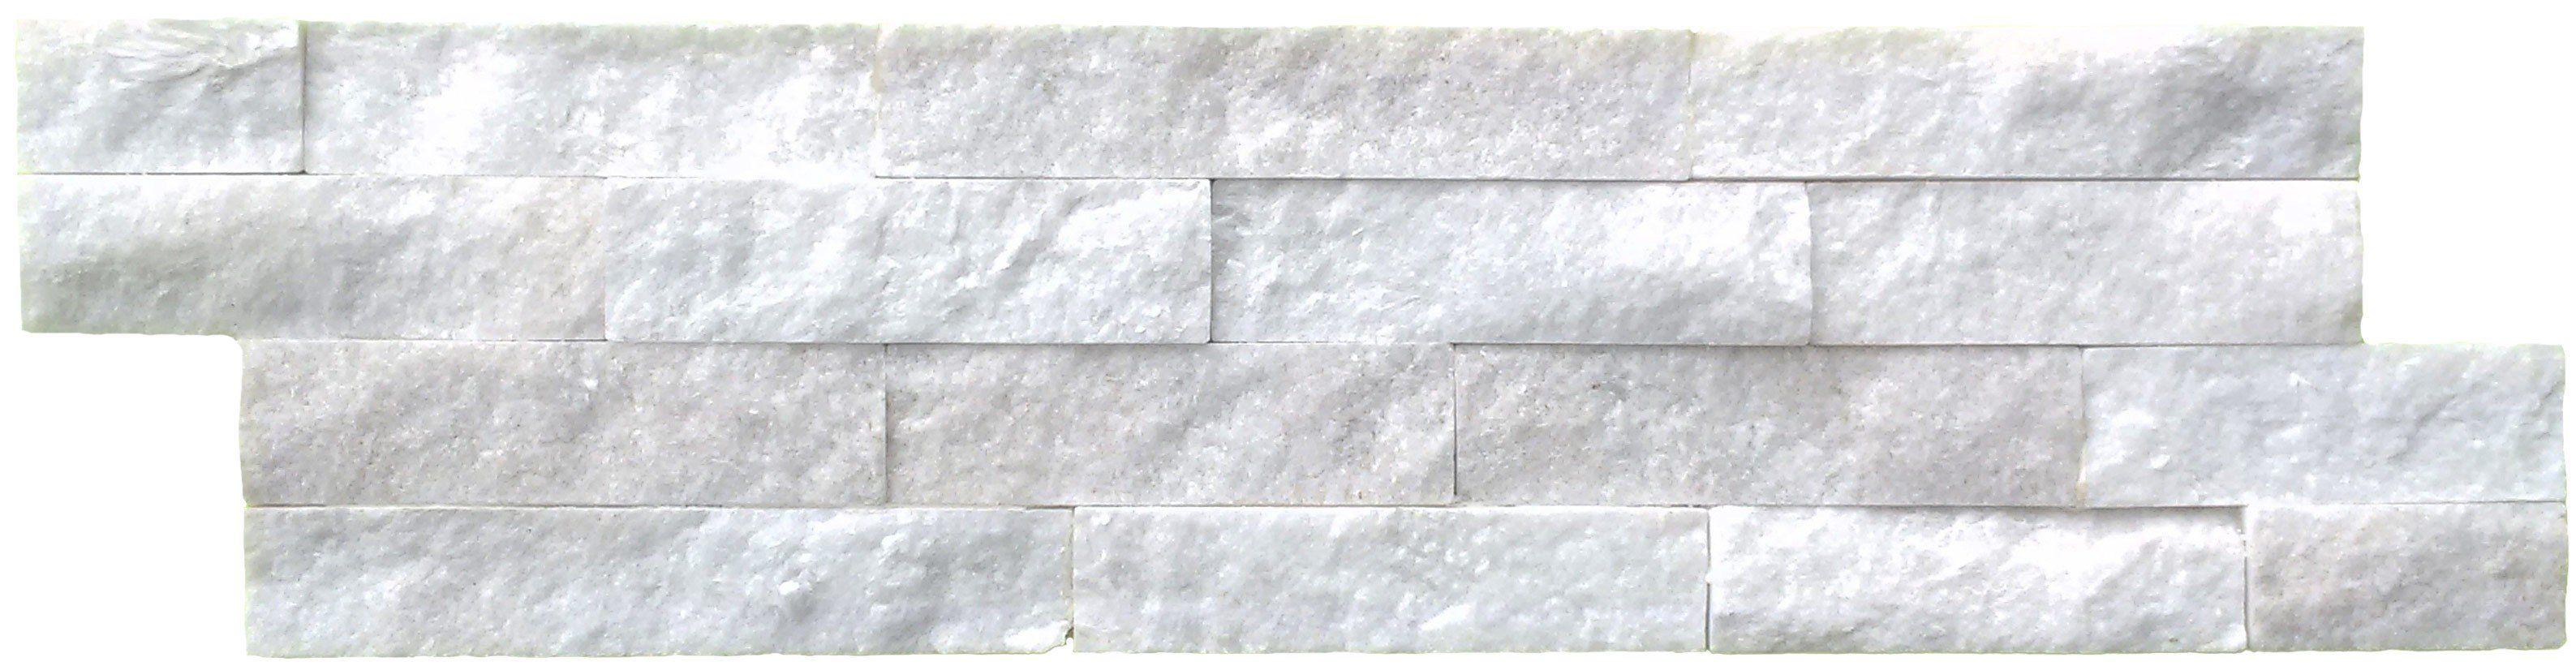 Split face white sparkle feature wall tile With it\'s subtle sparkle ...